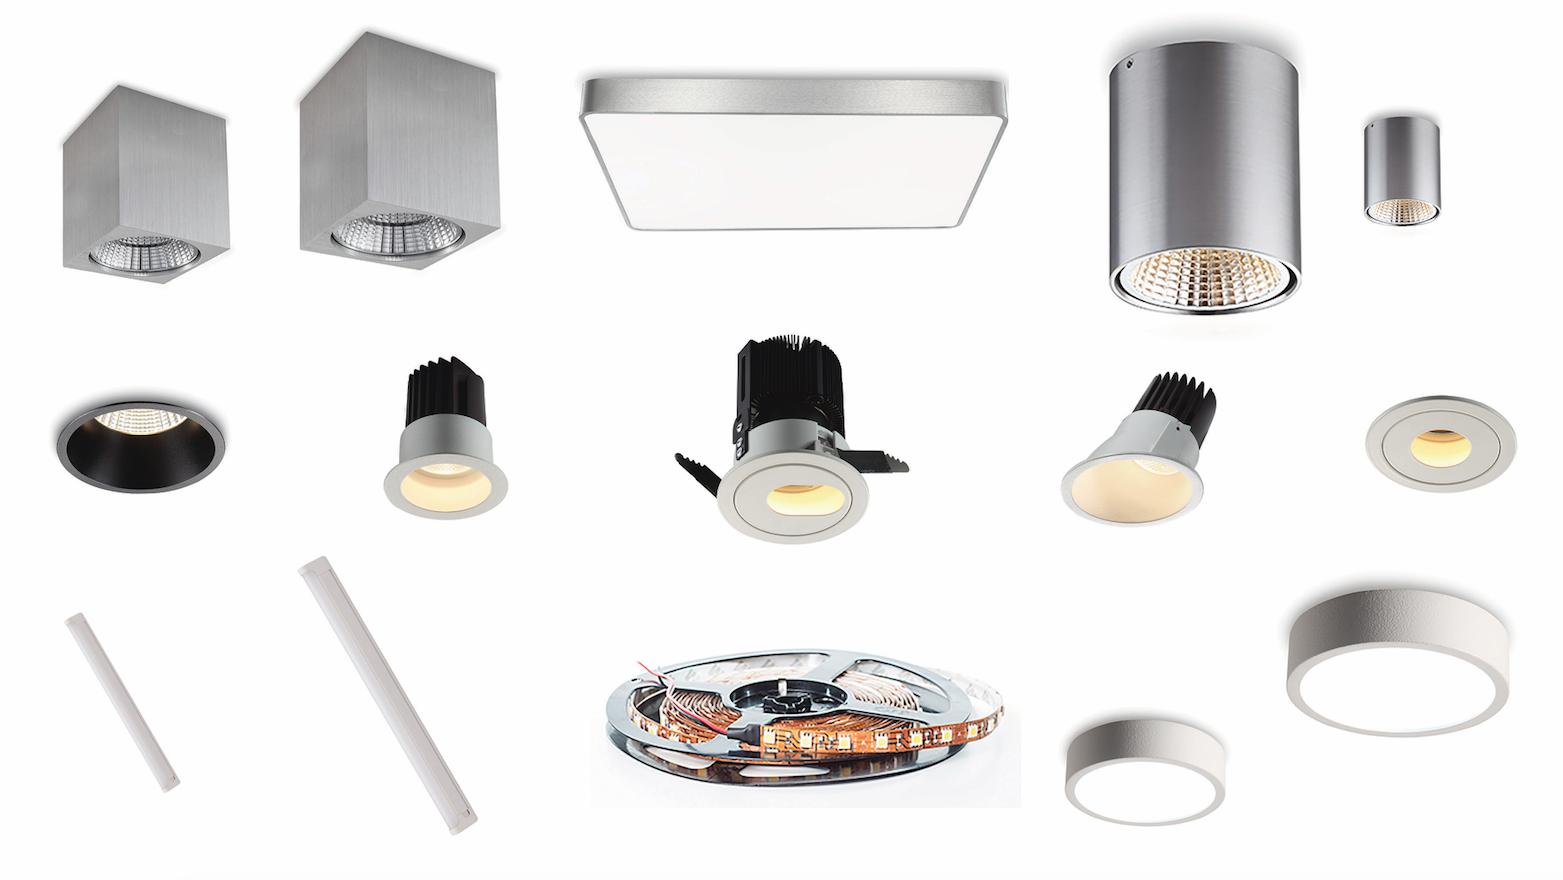 LED lamper køkken - Building Supply DK